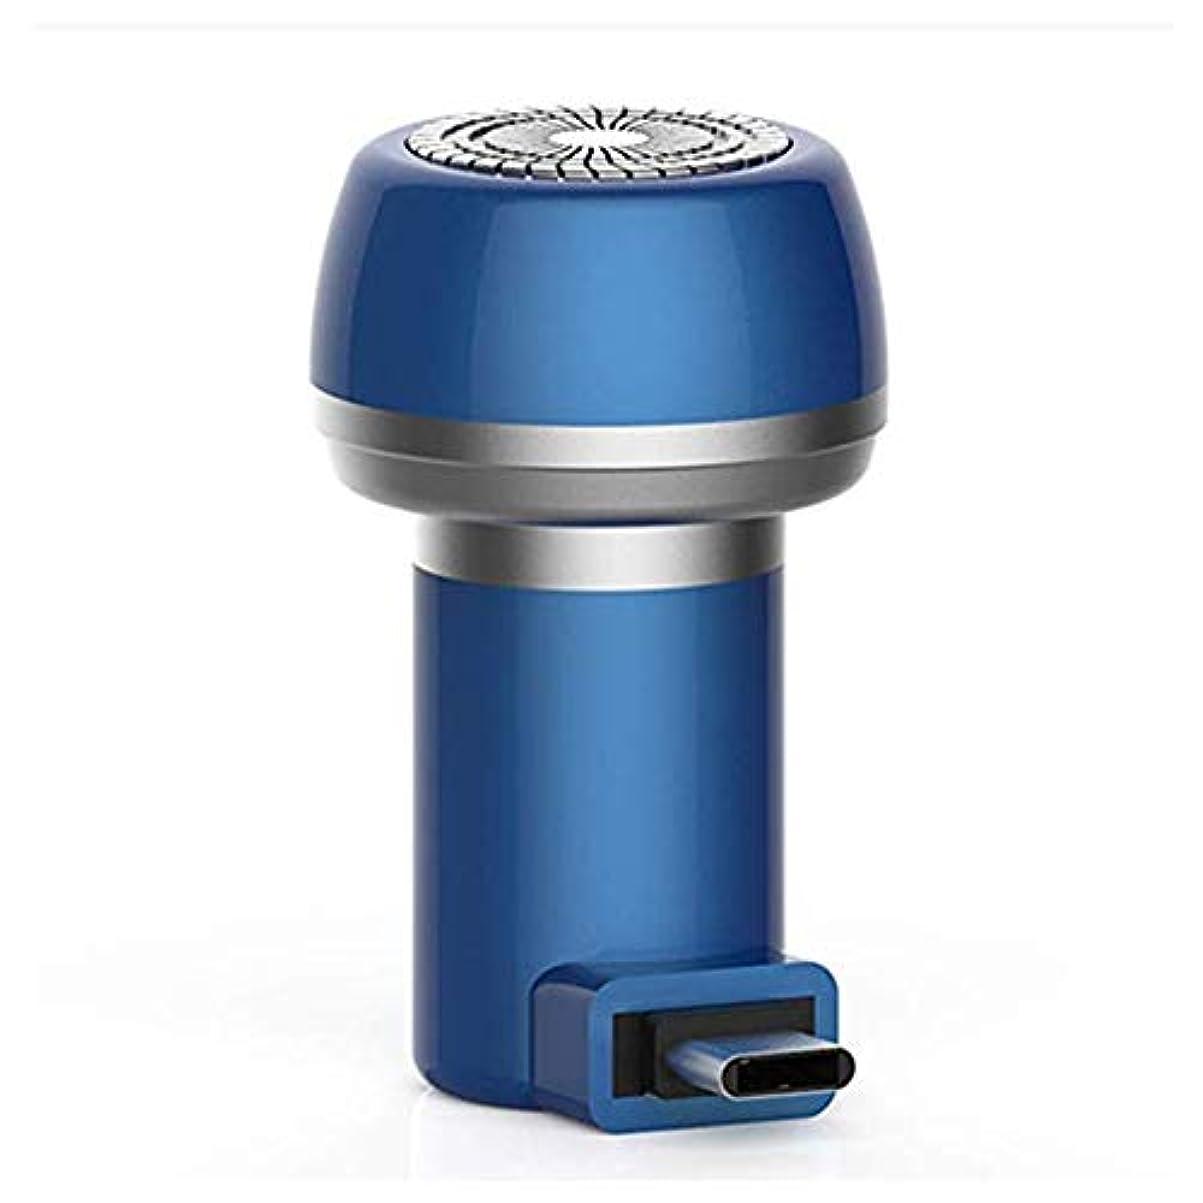 バーロールパントラベル電気シェーバー、携帯電話シェーバーと互換性のある男性と女性用の電気真空包装用電気顔シェーバーリムーバー、 (Type-c, ブルー)